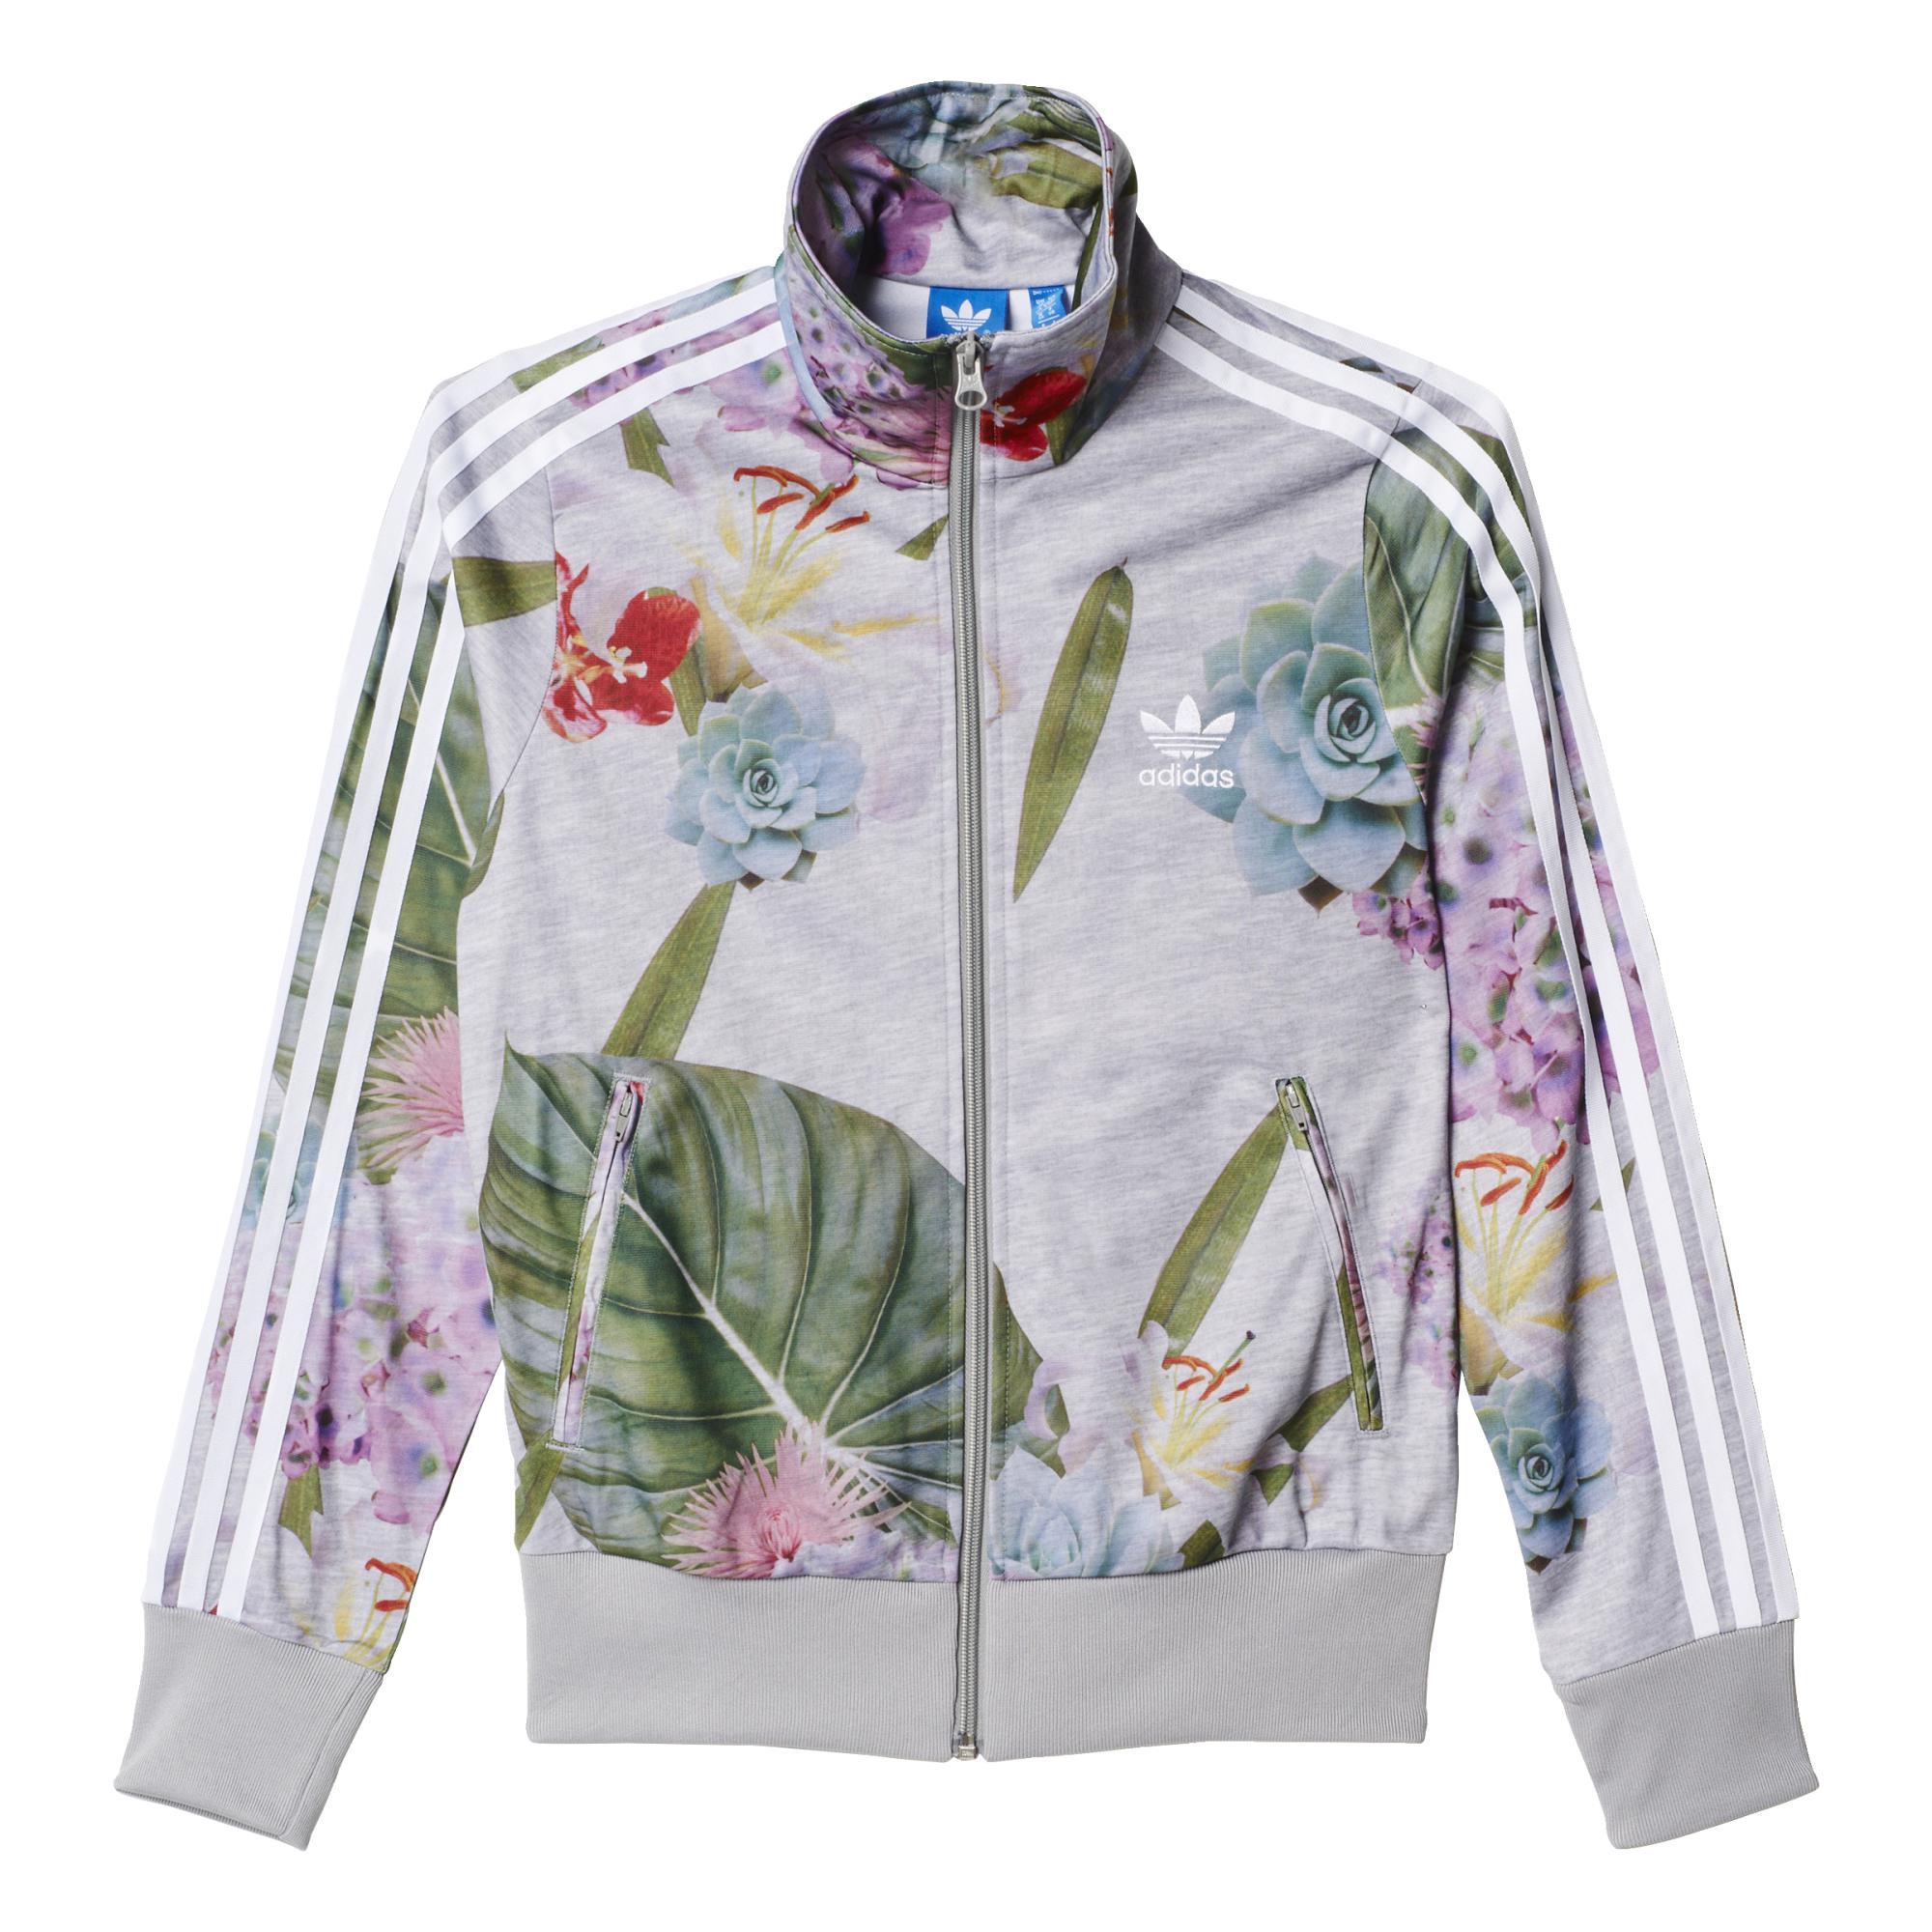 115886ce4edbf Adidas Originals Mujer Chaqueta Firebird Floral Track Top (gris multicolor)